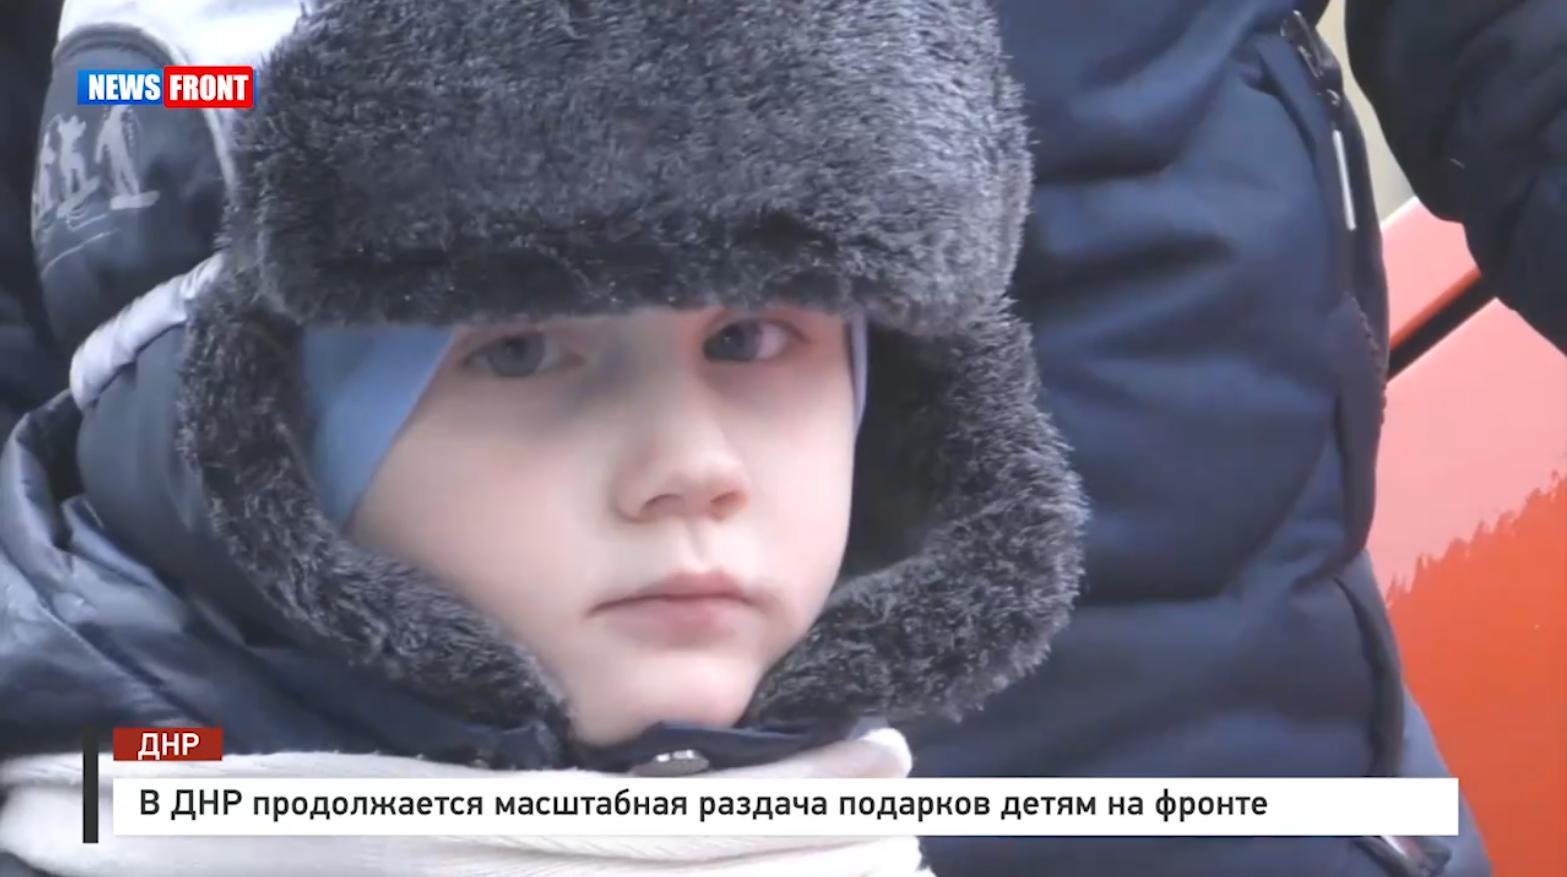 В ДНР продолжается масштабная раздача подарков детям на фронте